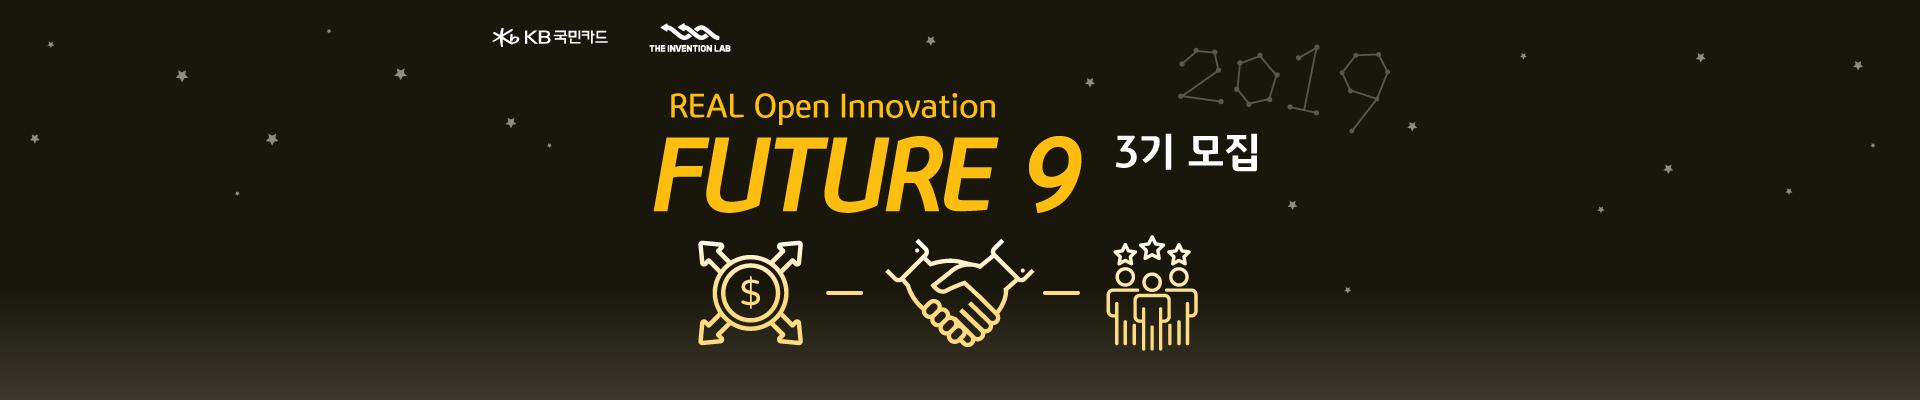 이벤터스_국내 금융업계의 대표 오픈 이노베이션 프로그램인 KB국민카드 FUTURE9 (퓨처나인)에서 3기 스타트업을 모집